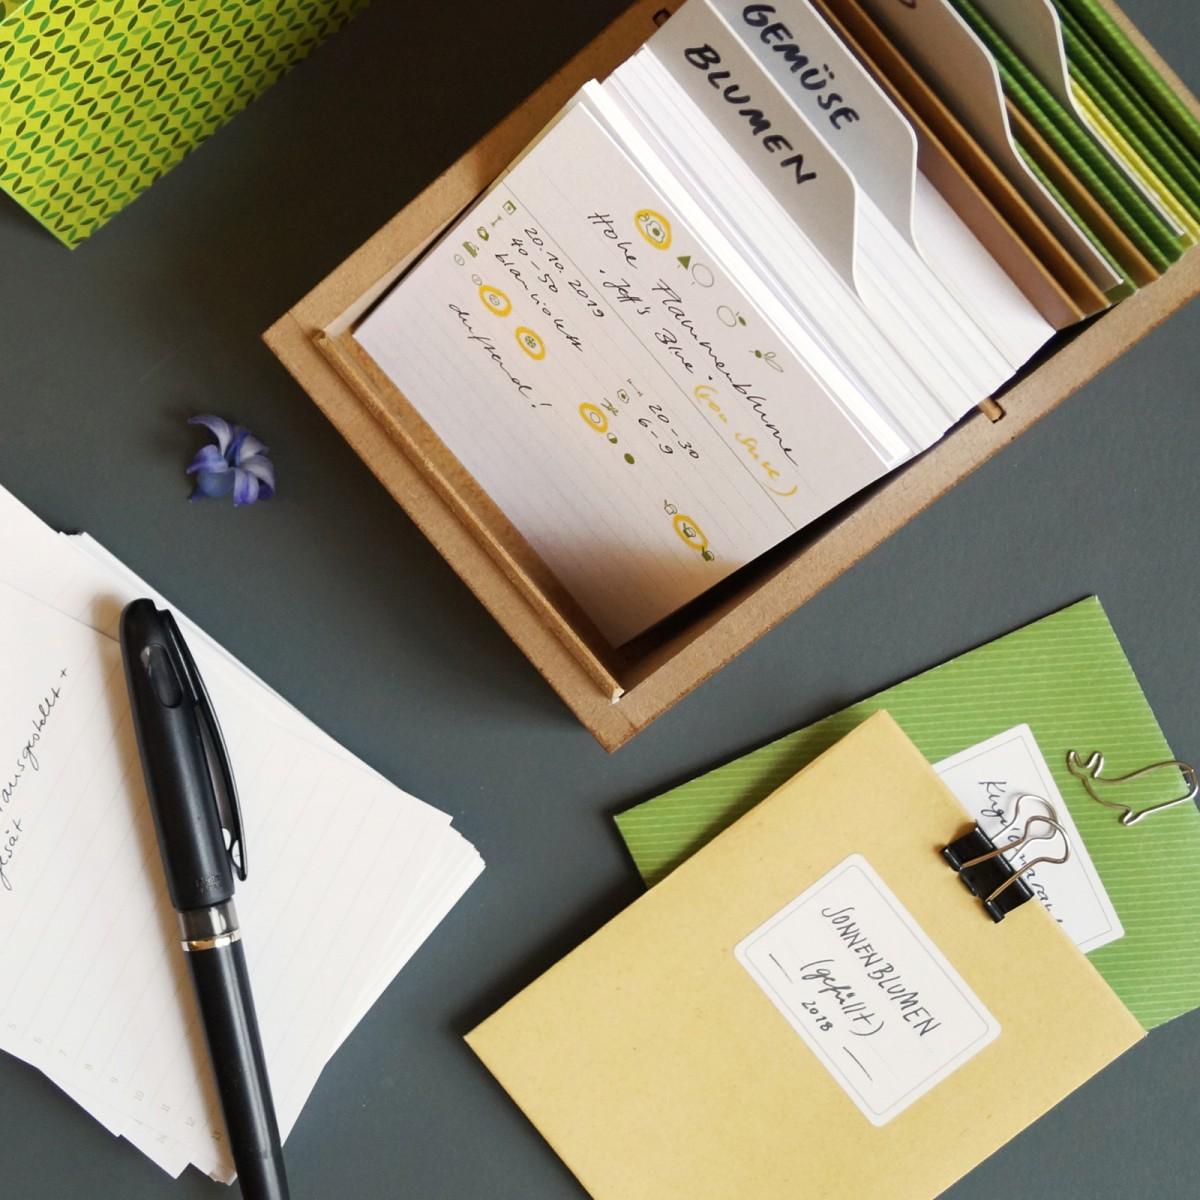 sperlingB _ Gartenbox, dunkelgrün, Gartentagebuch, Pflanzensammlung, Samentüten